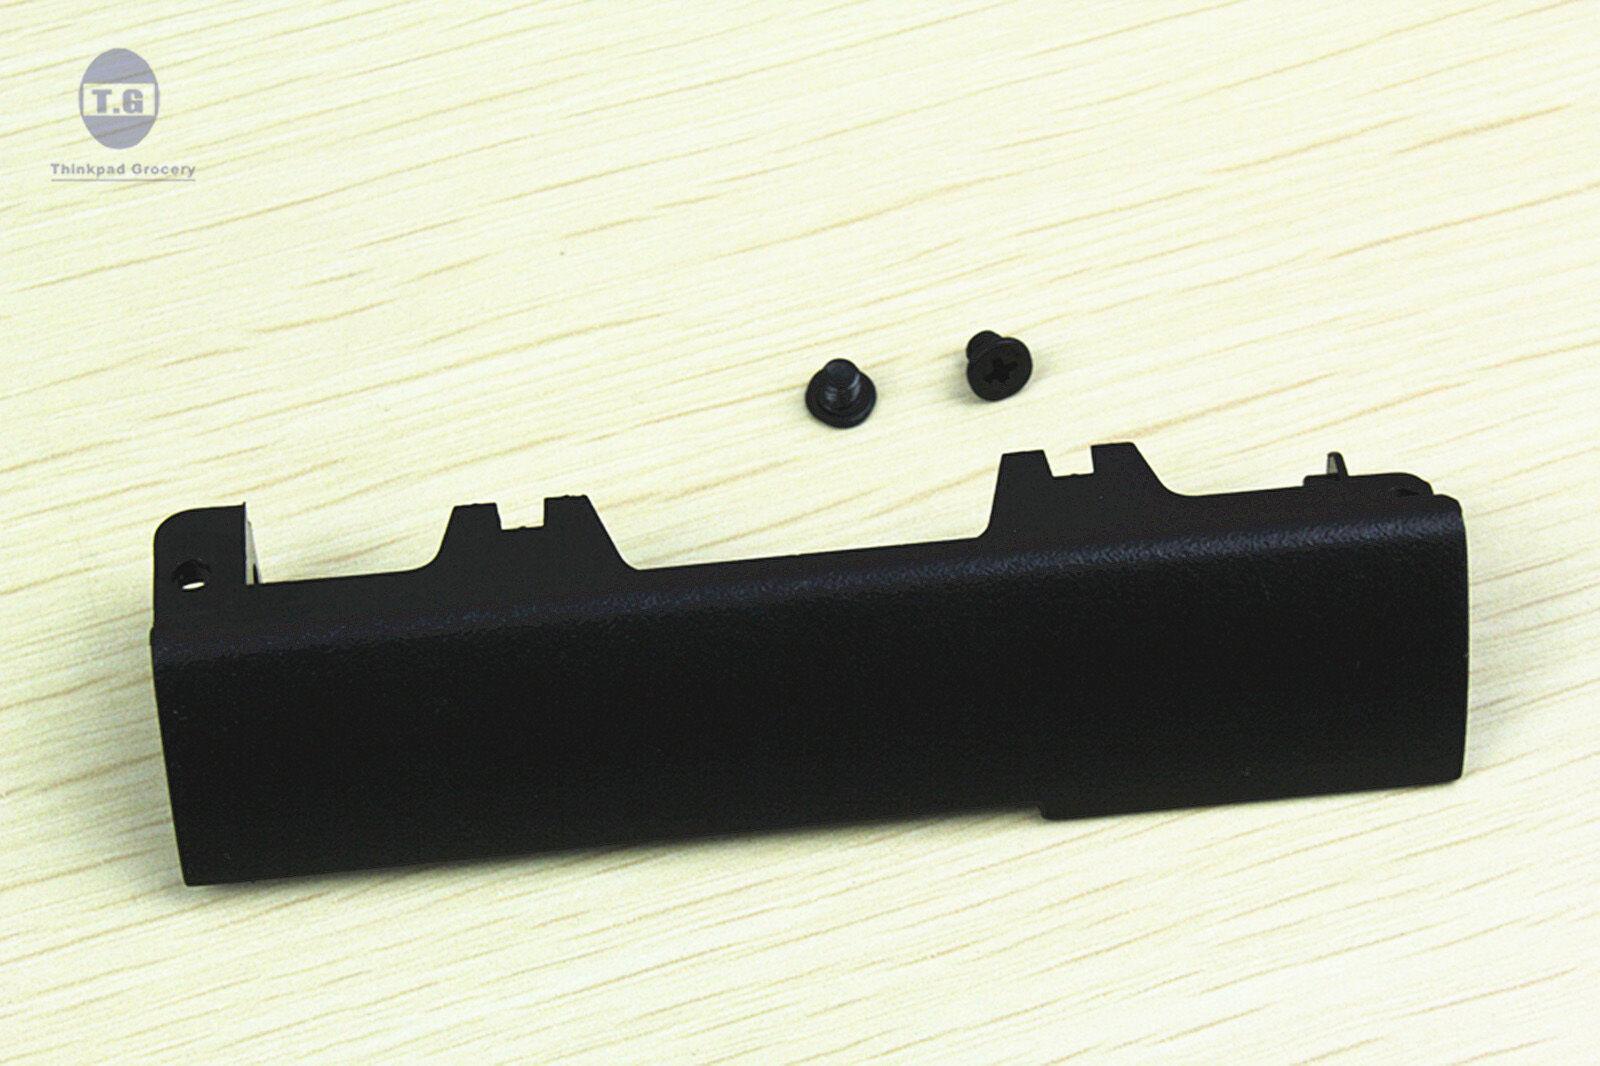 Dell Latitude E6540 Hard Drive Caddy Cover 1 screw 7mm Isolation Rubber Rails